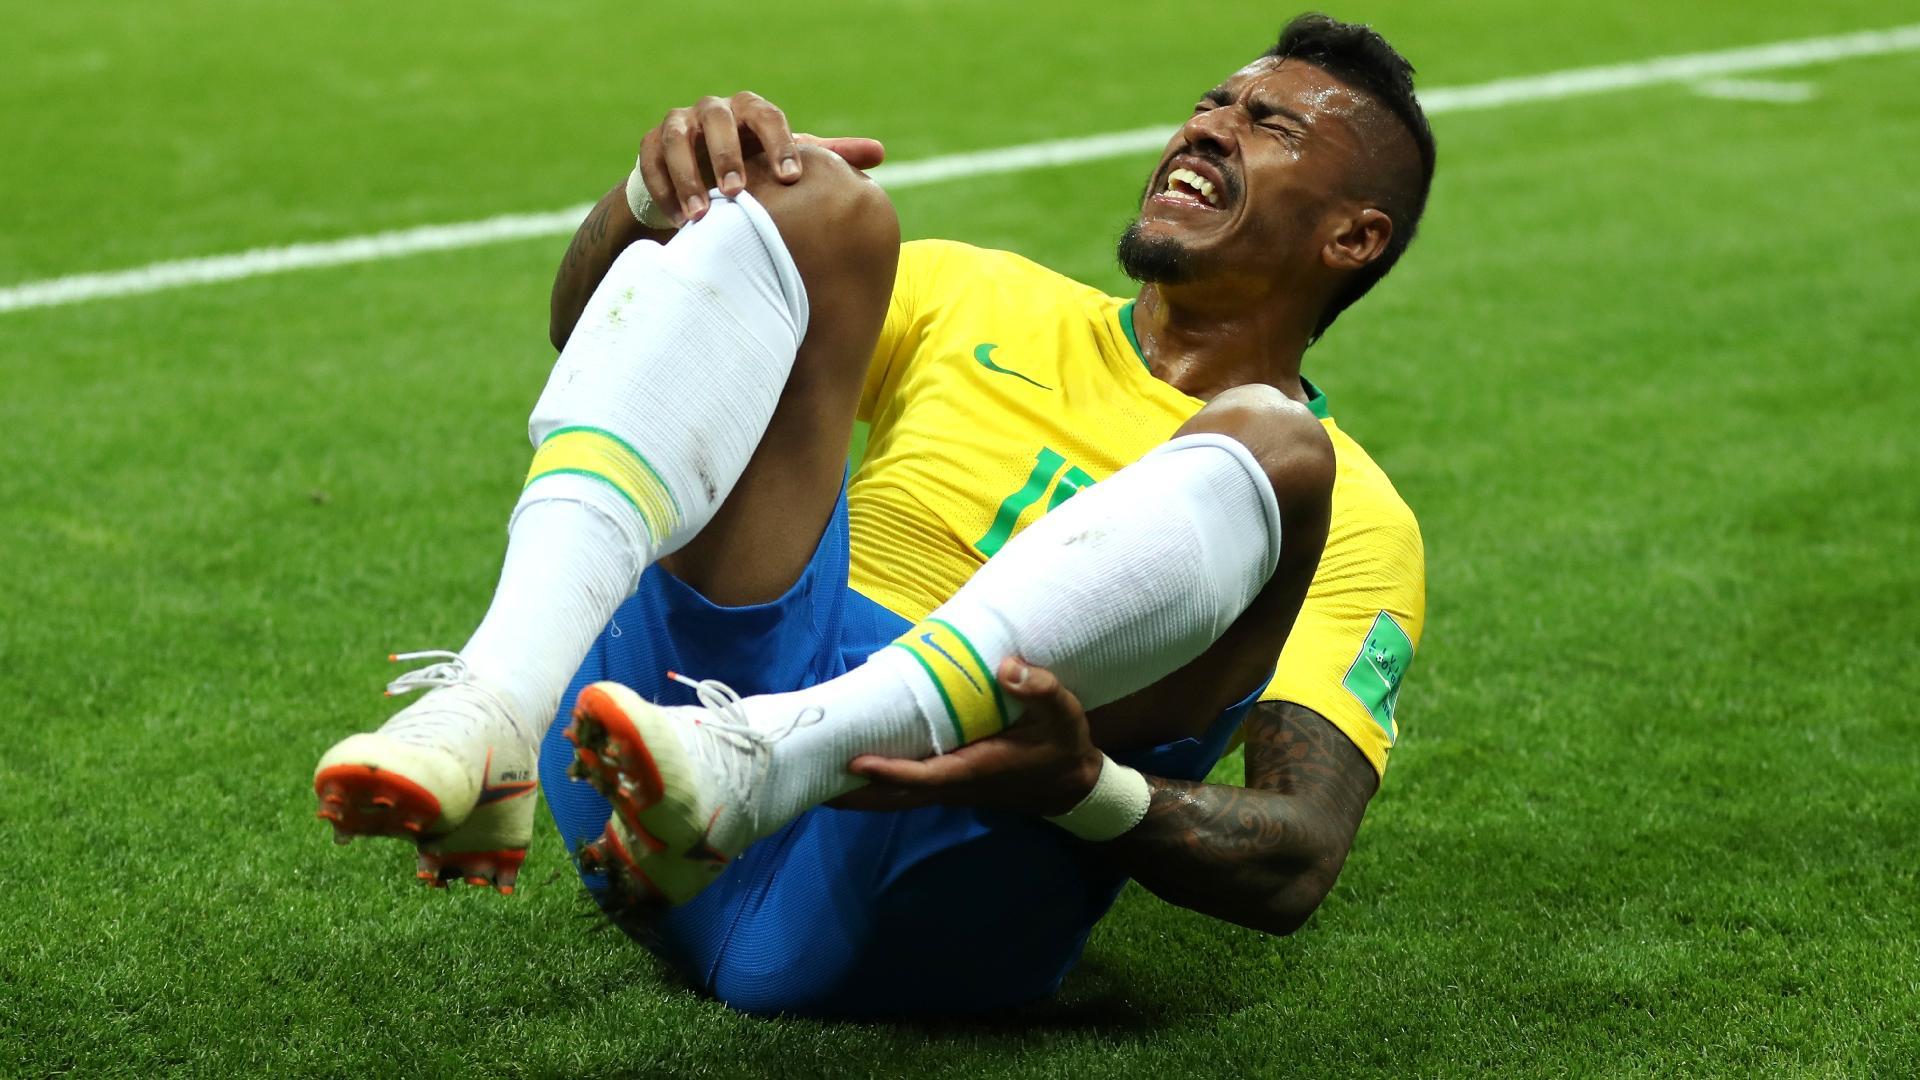 Paulinho grita de dor durante o jogo entre Brasil e Bélgica, pela Copa do Mundo